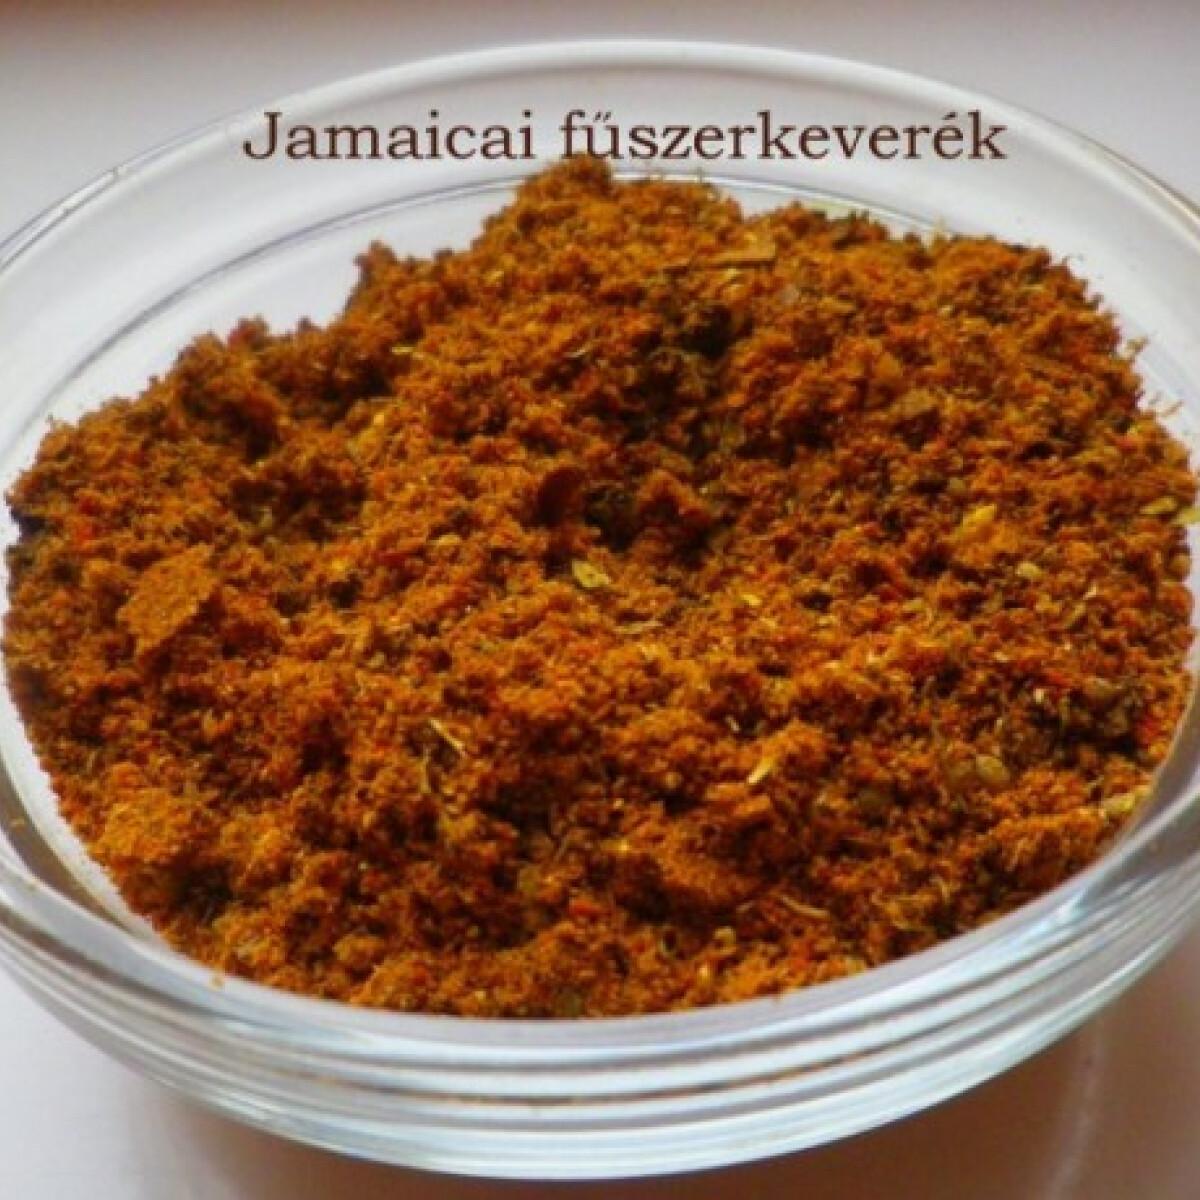 Ezen a képen: Jamaicai fűszerkeverék